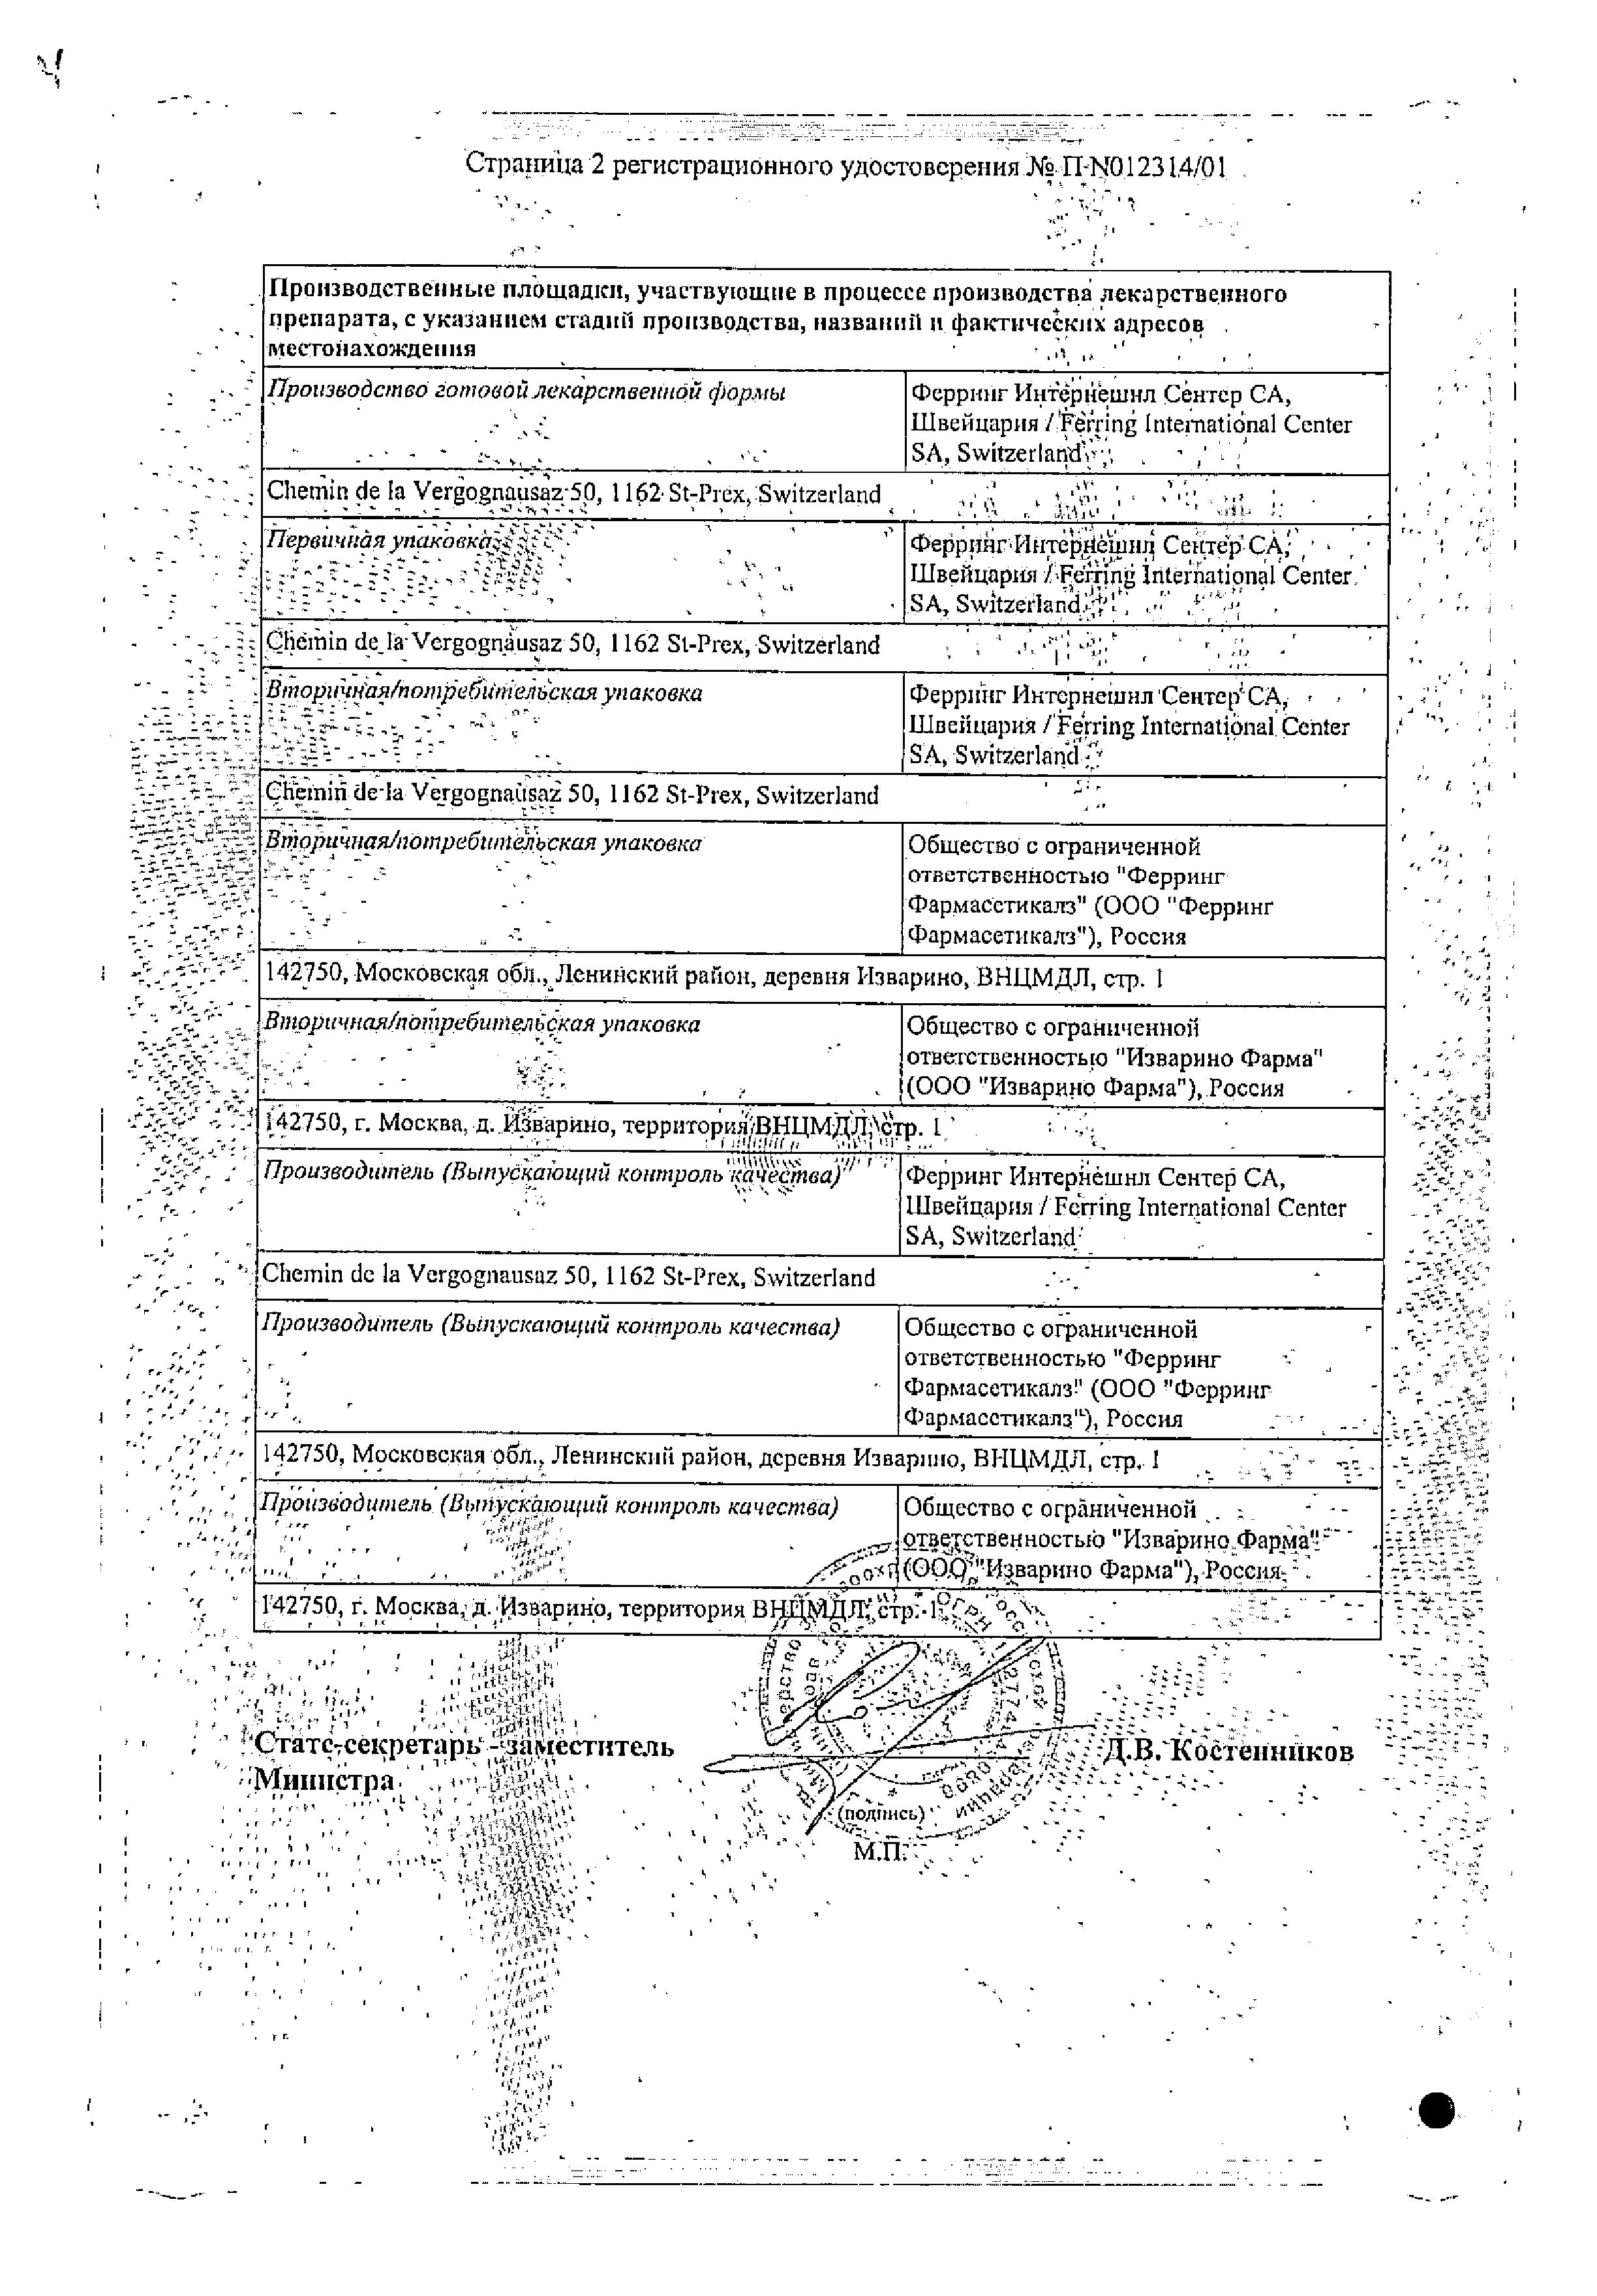 Минирин сертификат